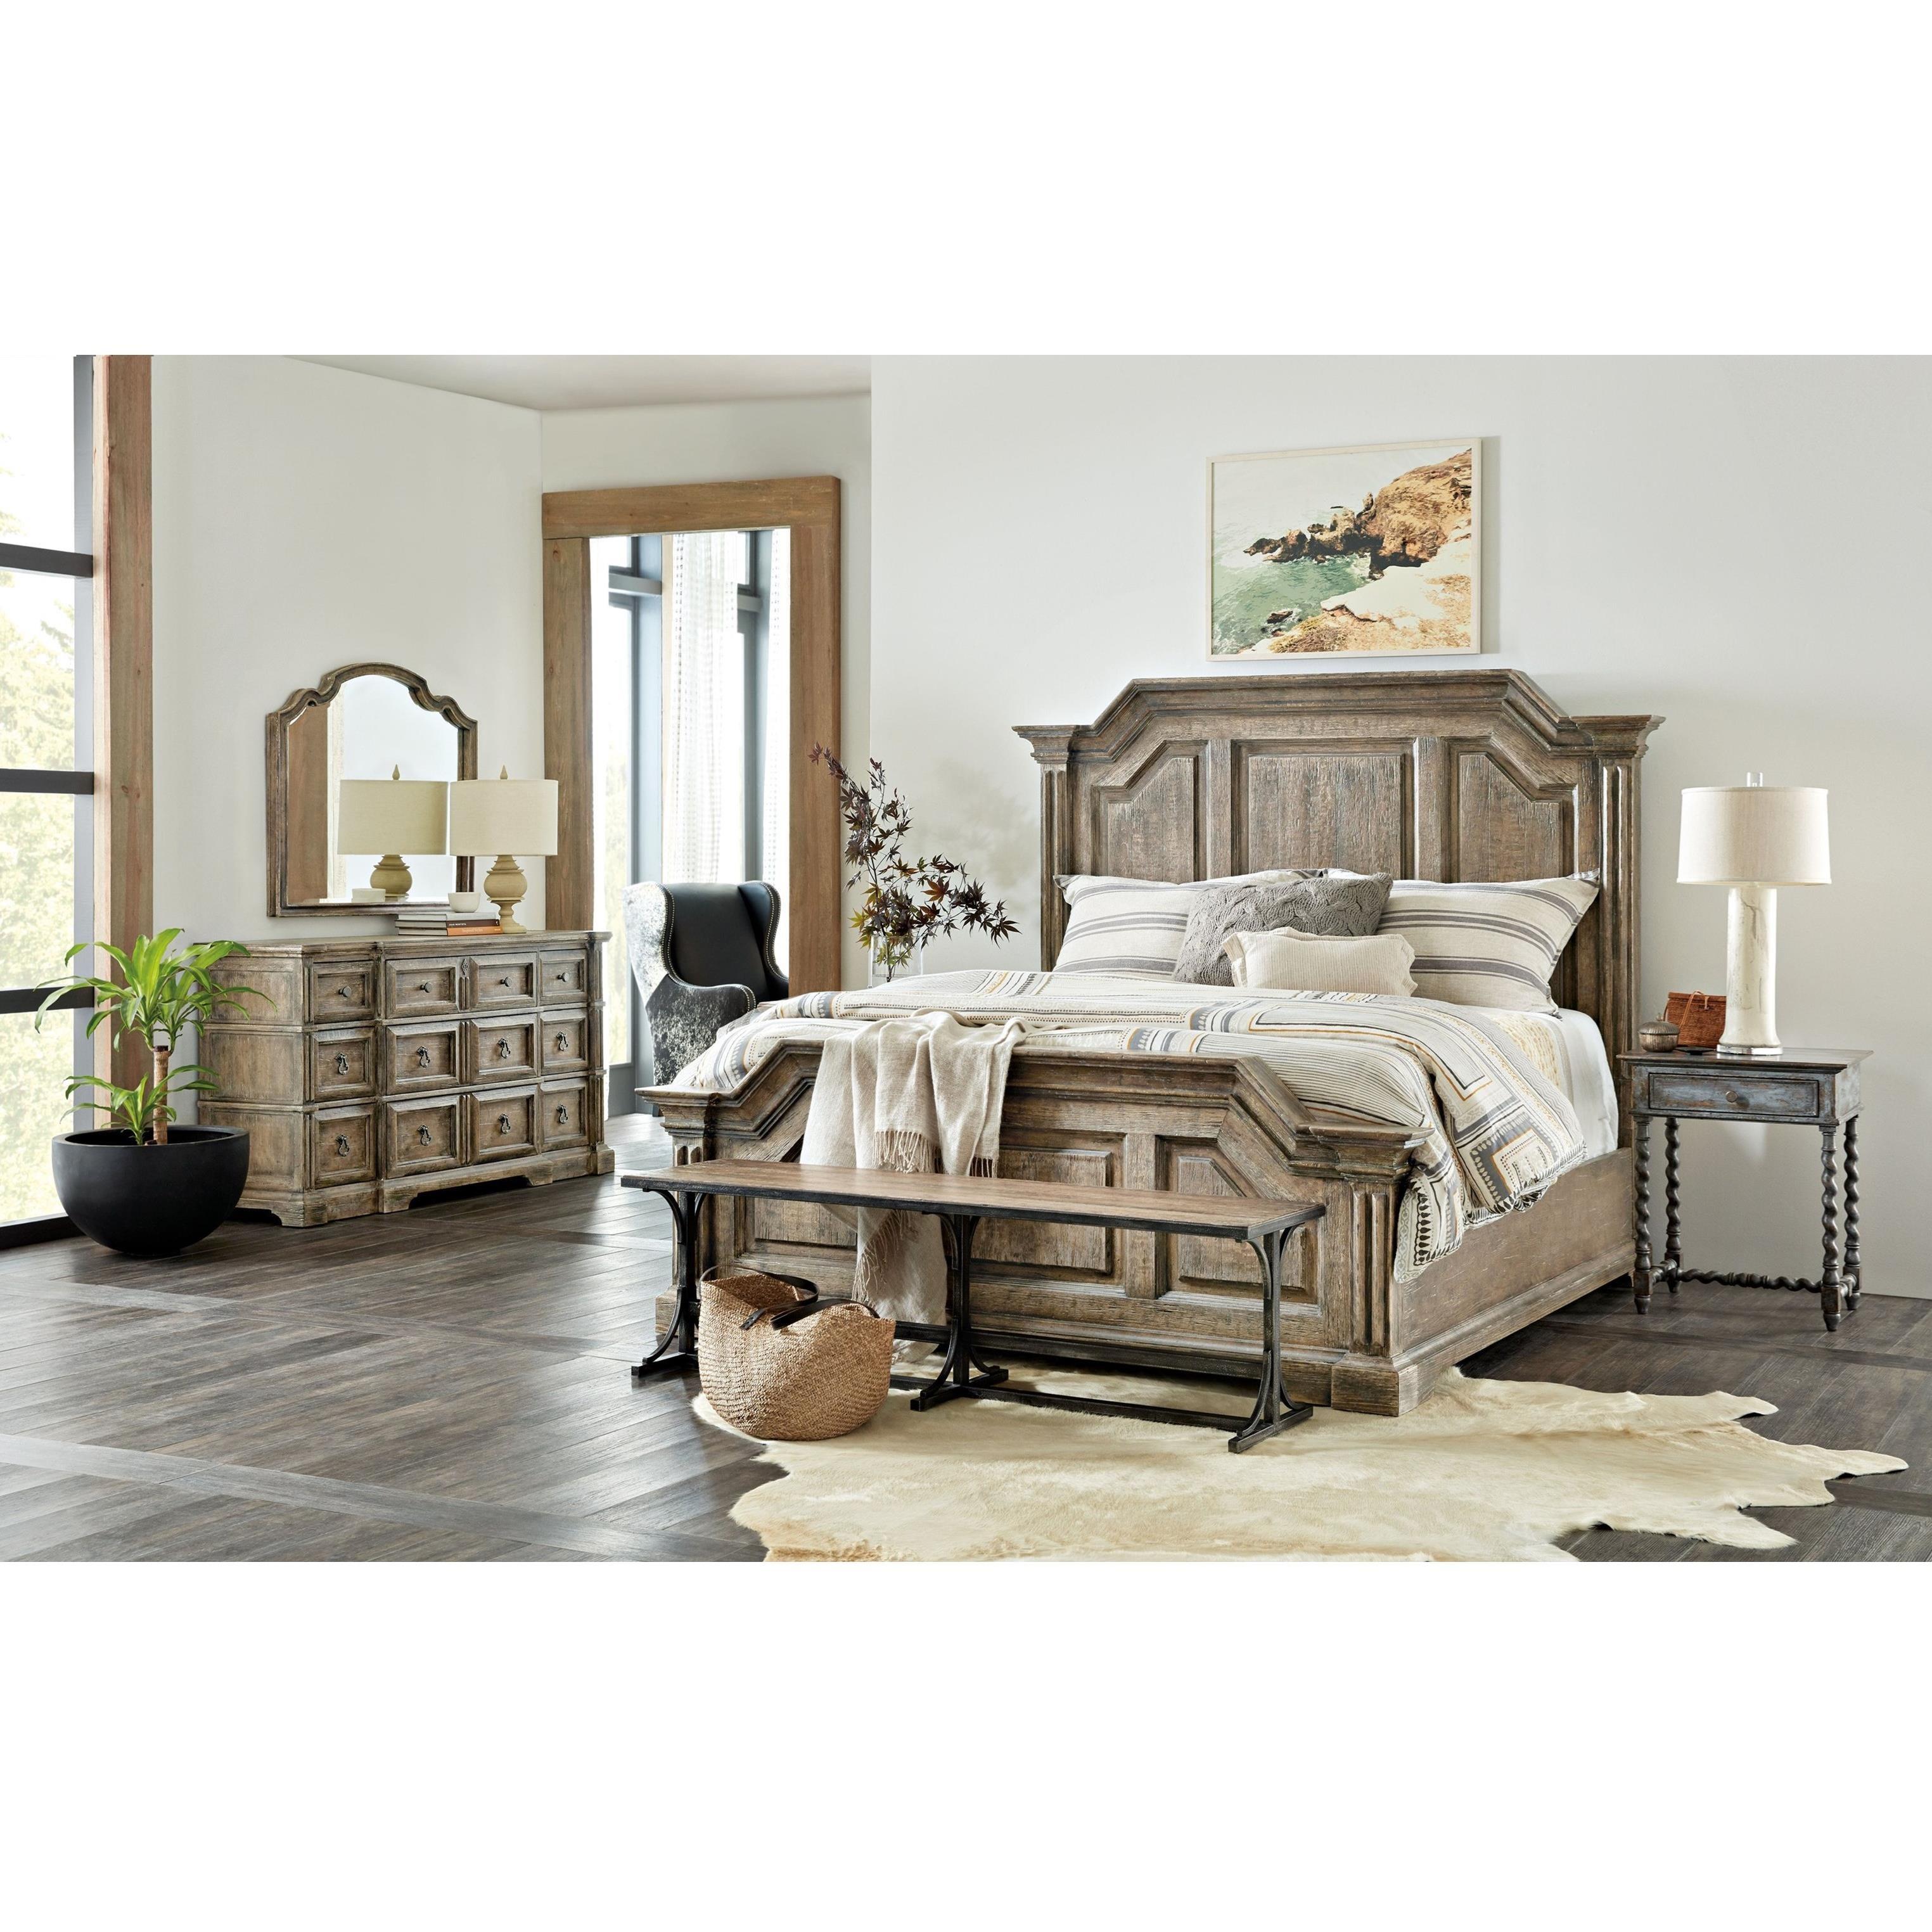 La Grange Queen Bedroom Group by Hooker Furniture at Baer's Furniture